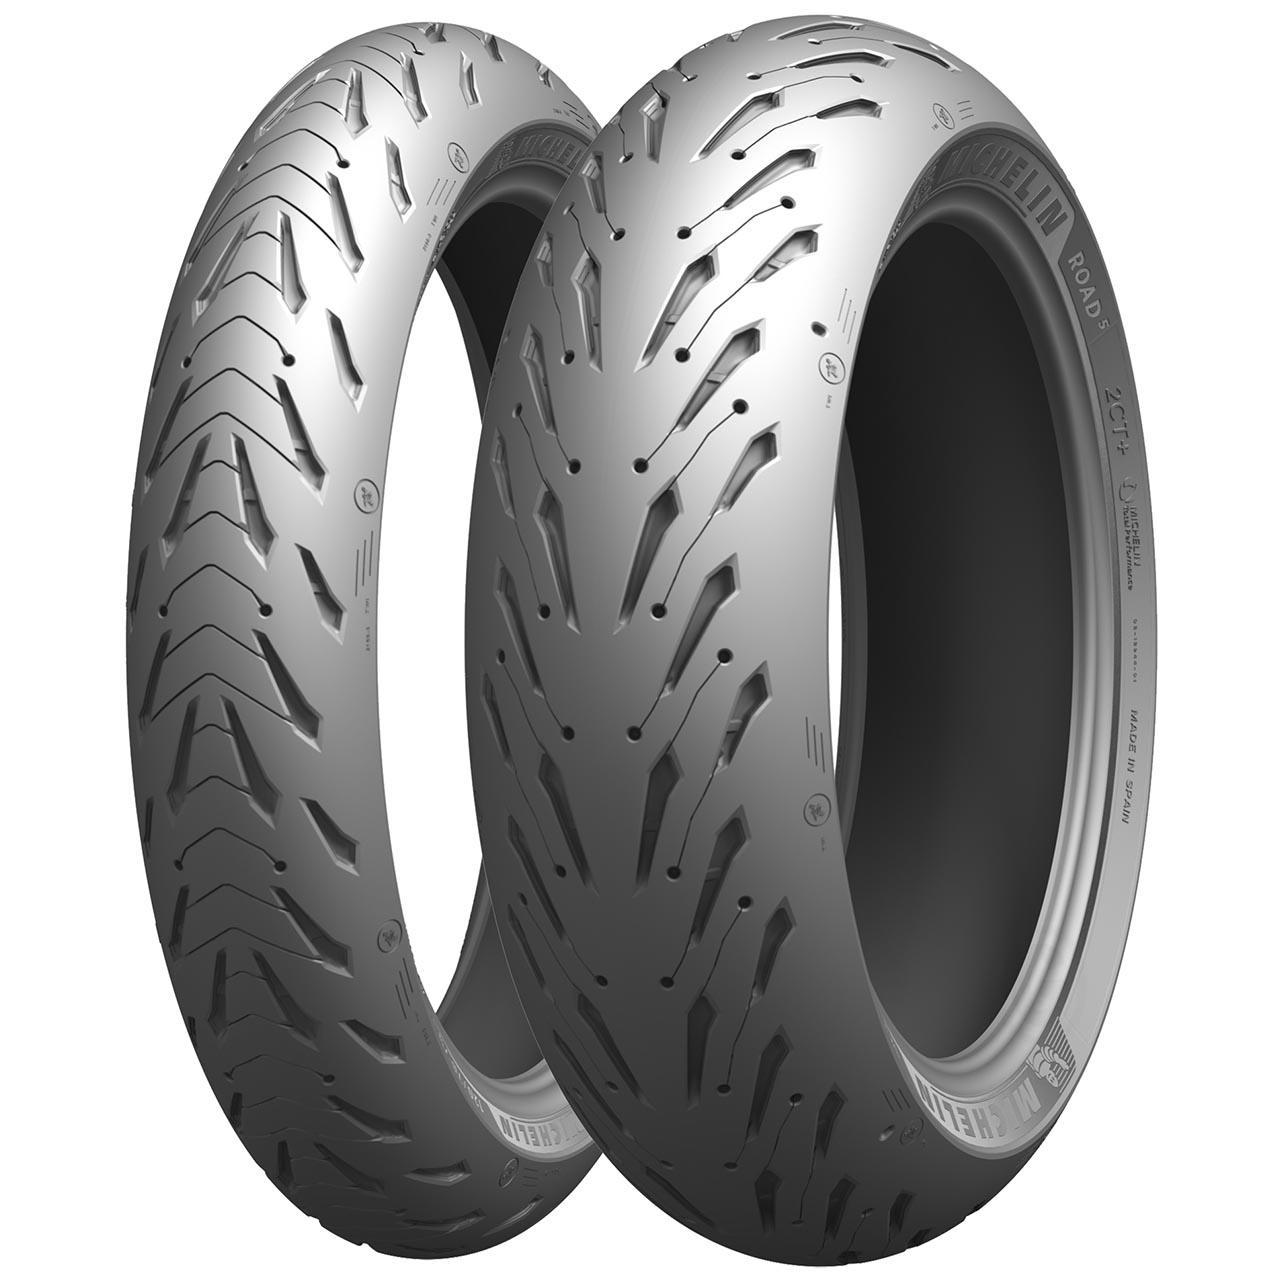 Michelin Pilot Road 5 Rear 190/55ZR17 M/C (75W) TL